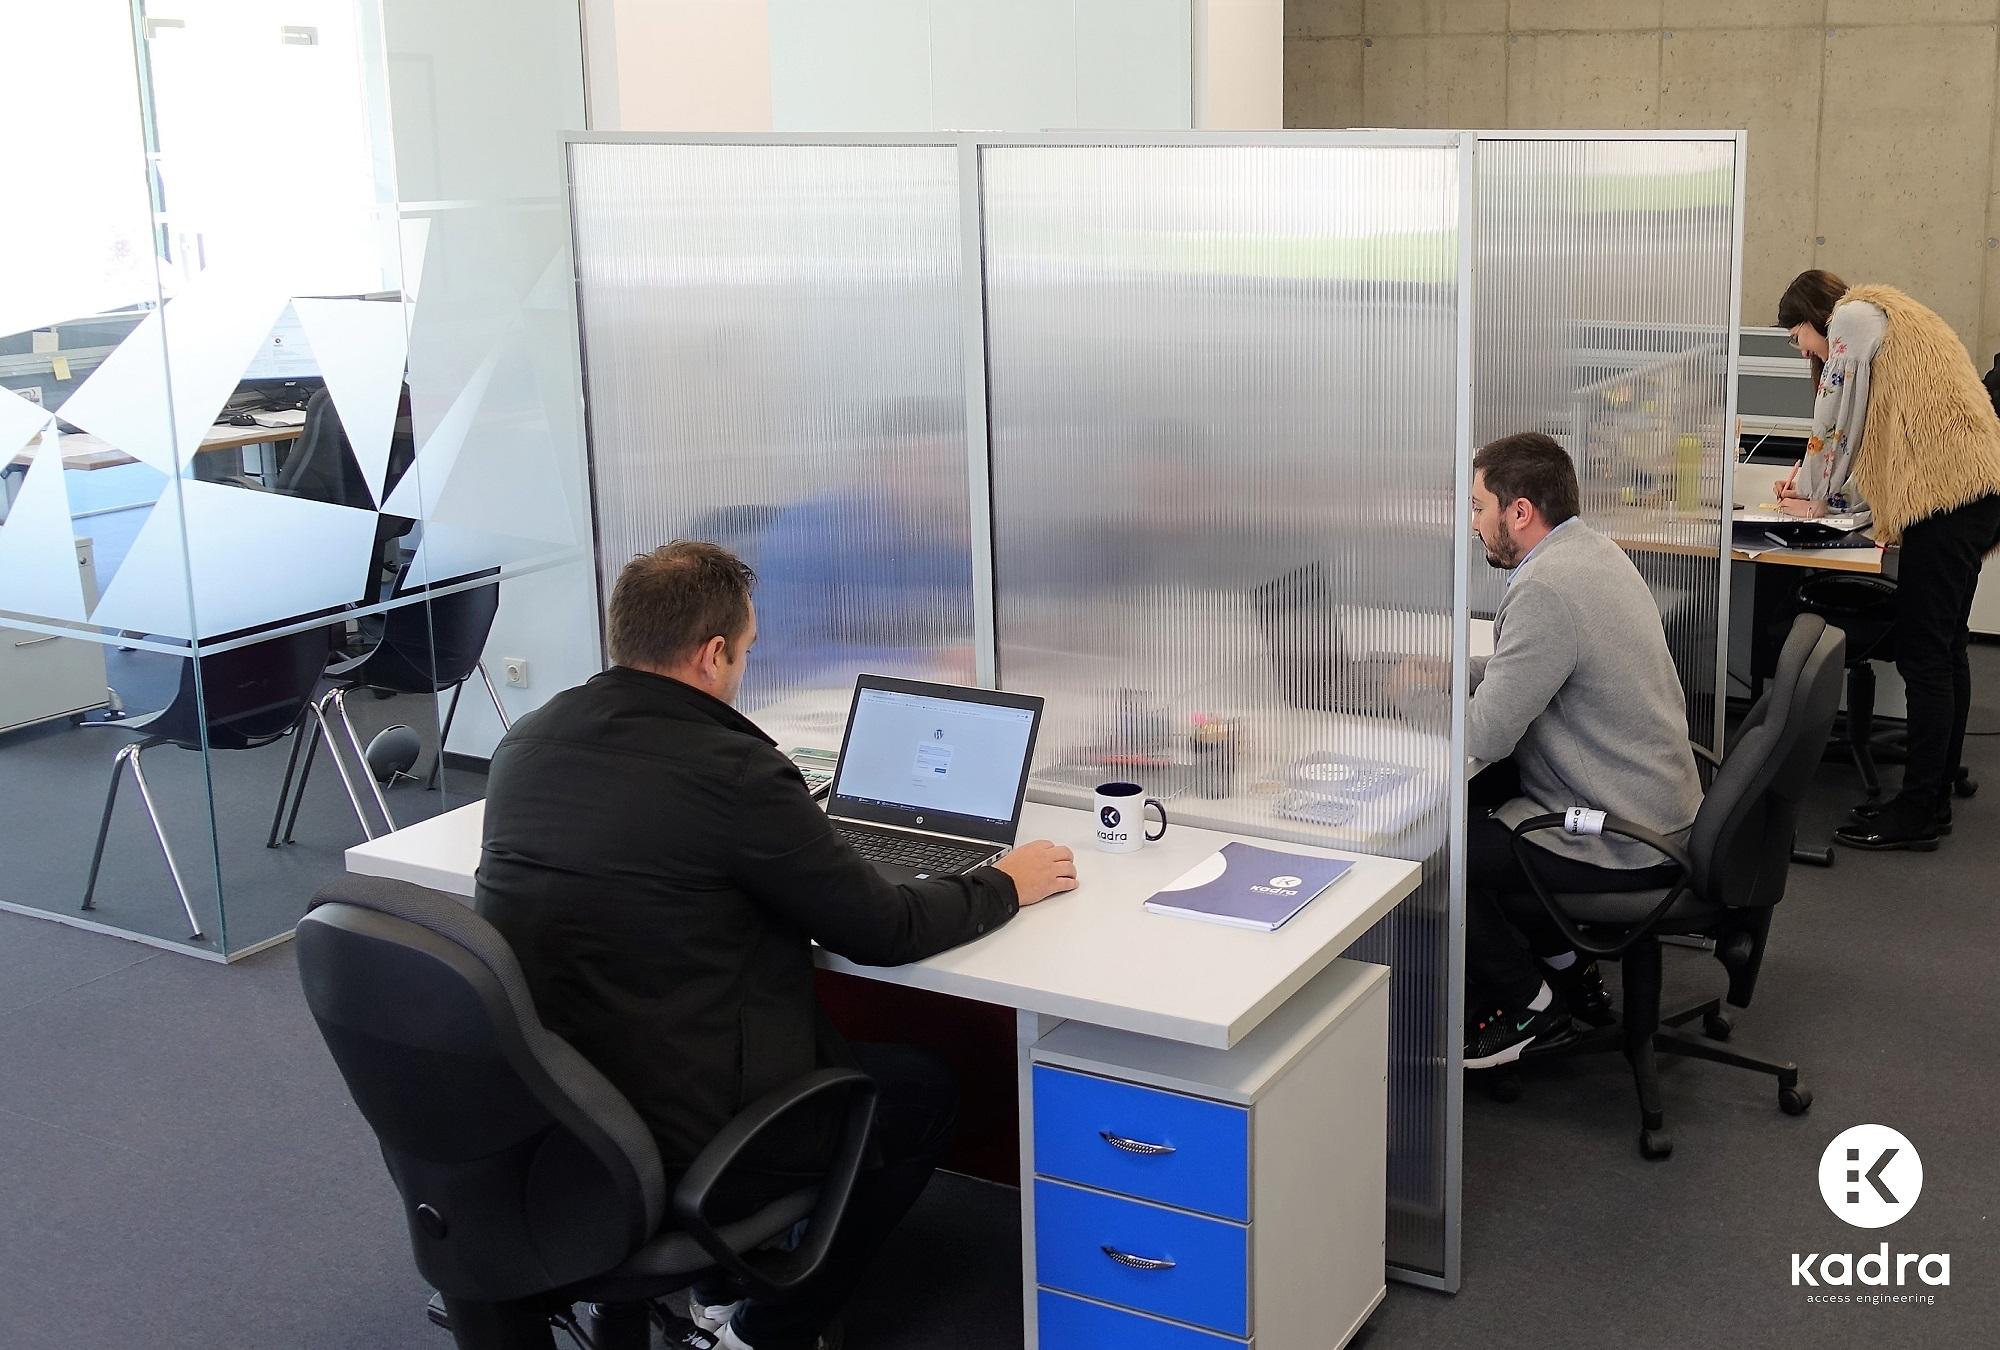 Au apărut panourile separatoare antivirus pentru spațiile de birouri